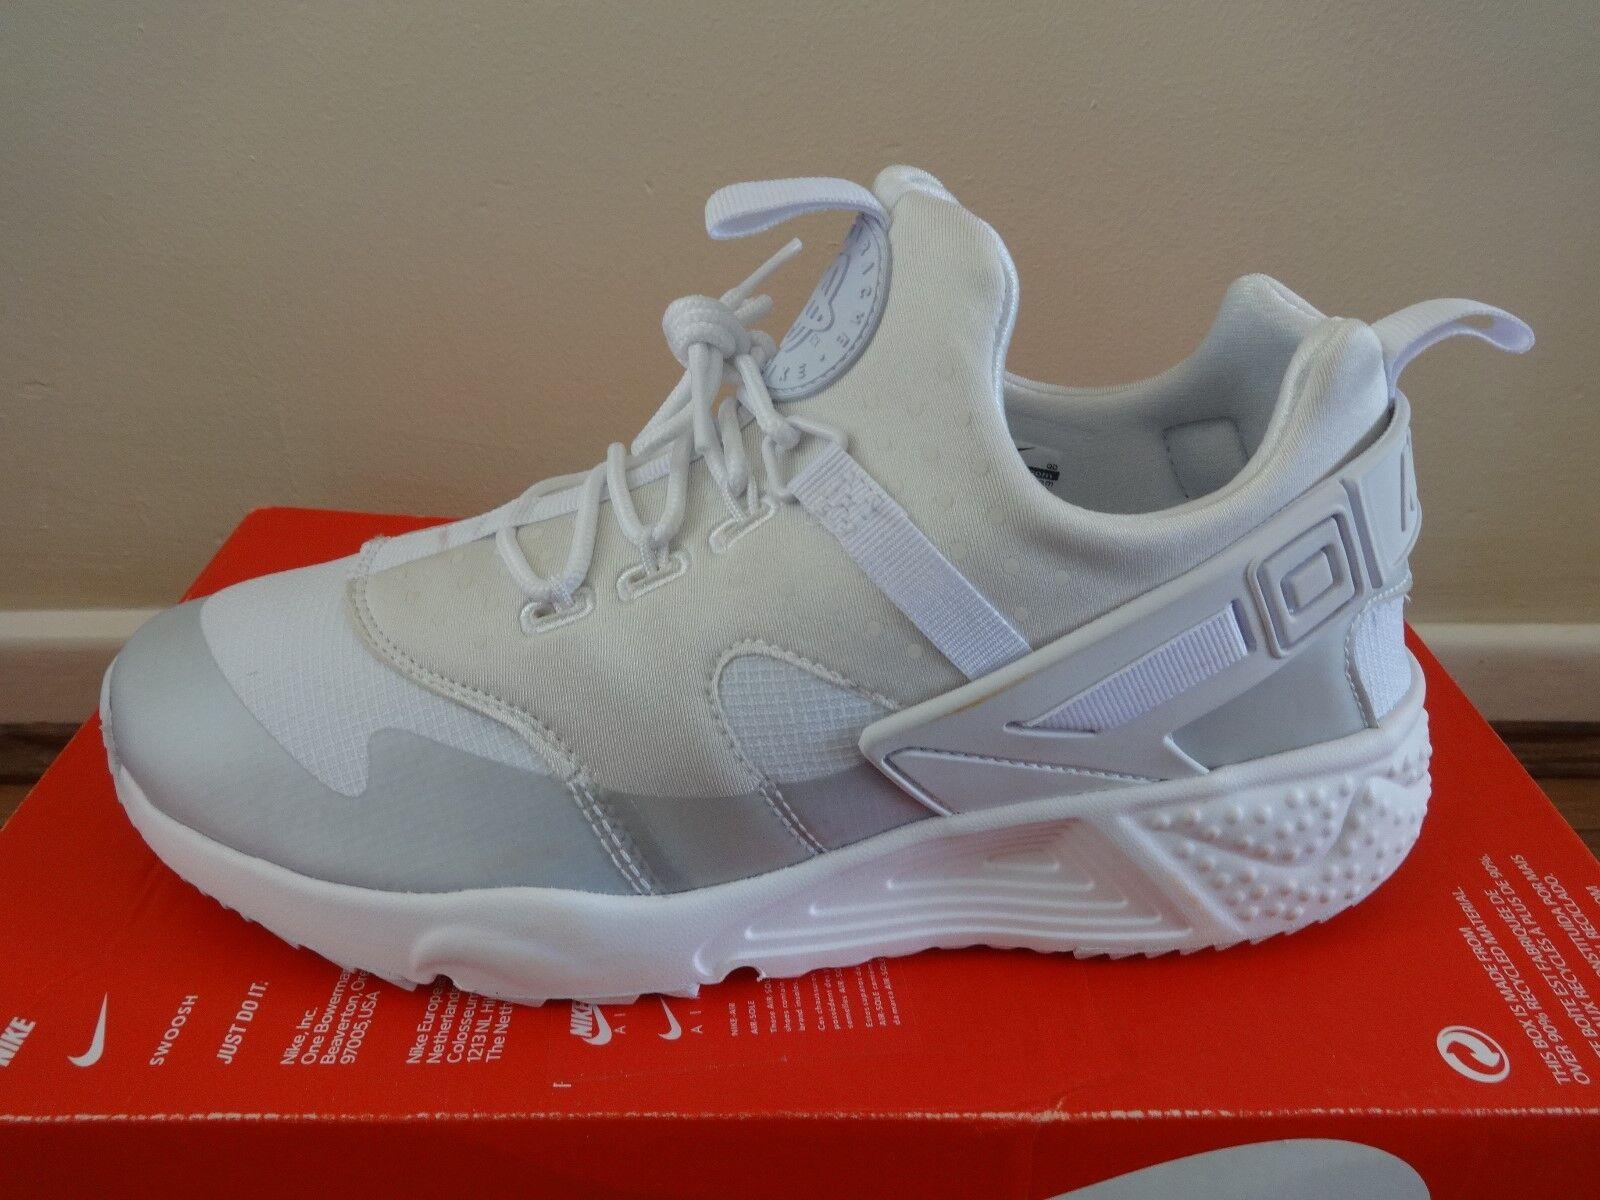 Nike Air Huarache utilidad Zapatillas 10 Zapatillas 806807 2018 nos 10 Zapatillas Nuevo 028c27